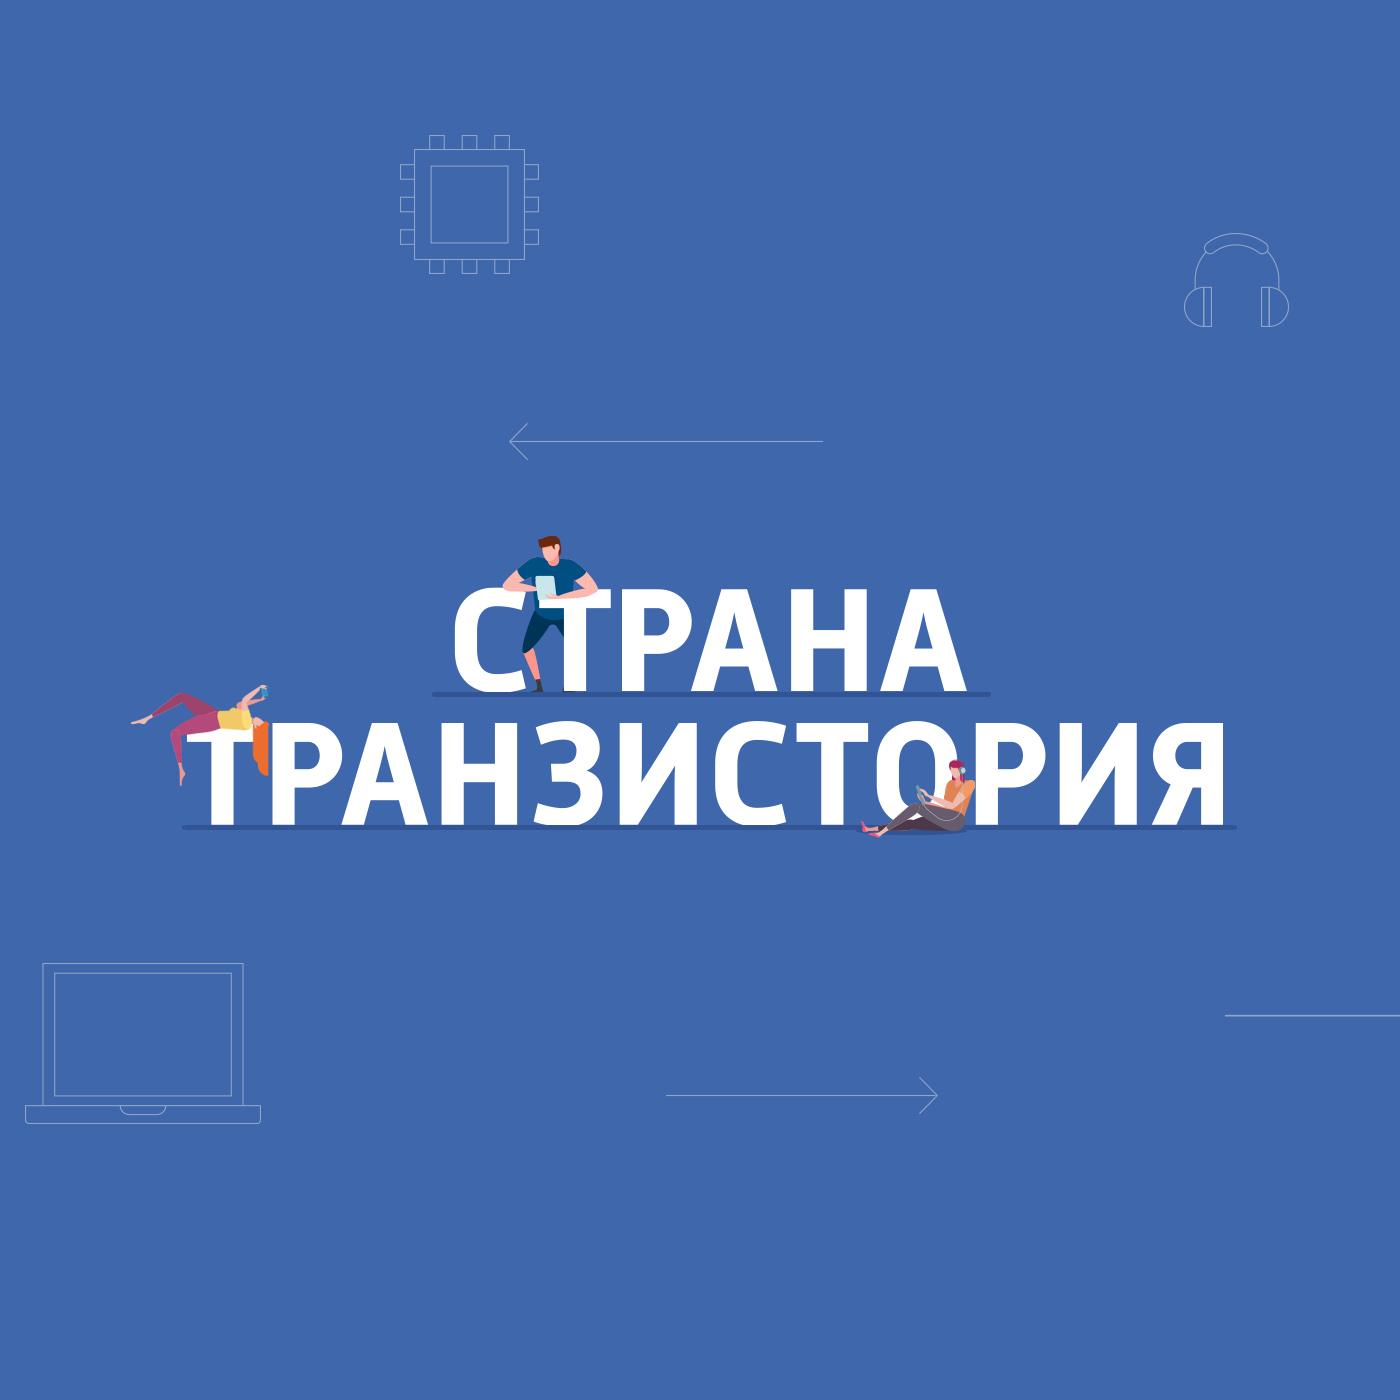 Картаев Павел Большая осенняя презентация Apple 2019 цена